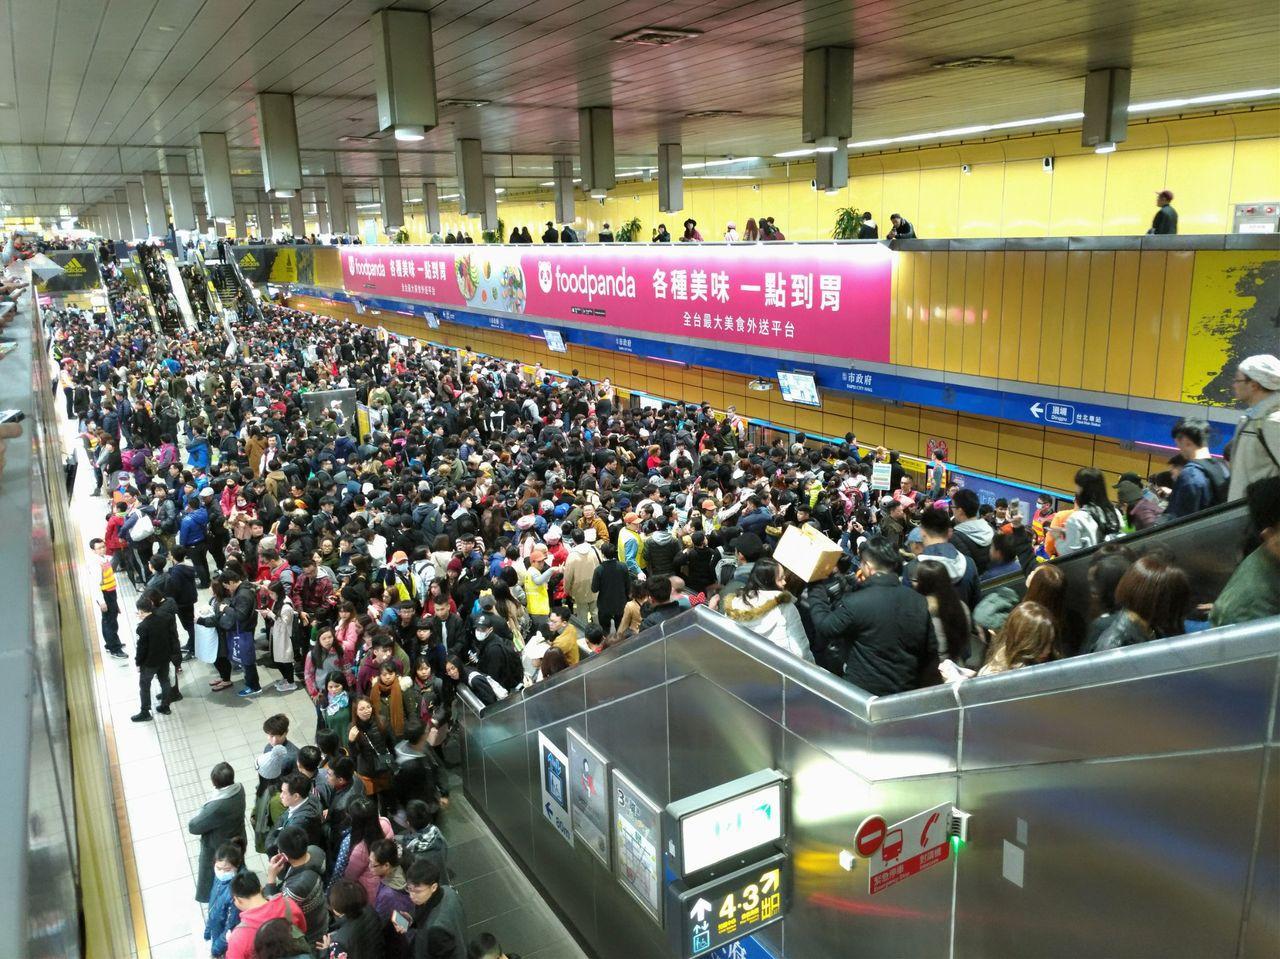 台北市政府文化局主辦、台北捷運公司合辦的「2018台北白晝之夜」,即將在10月6...